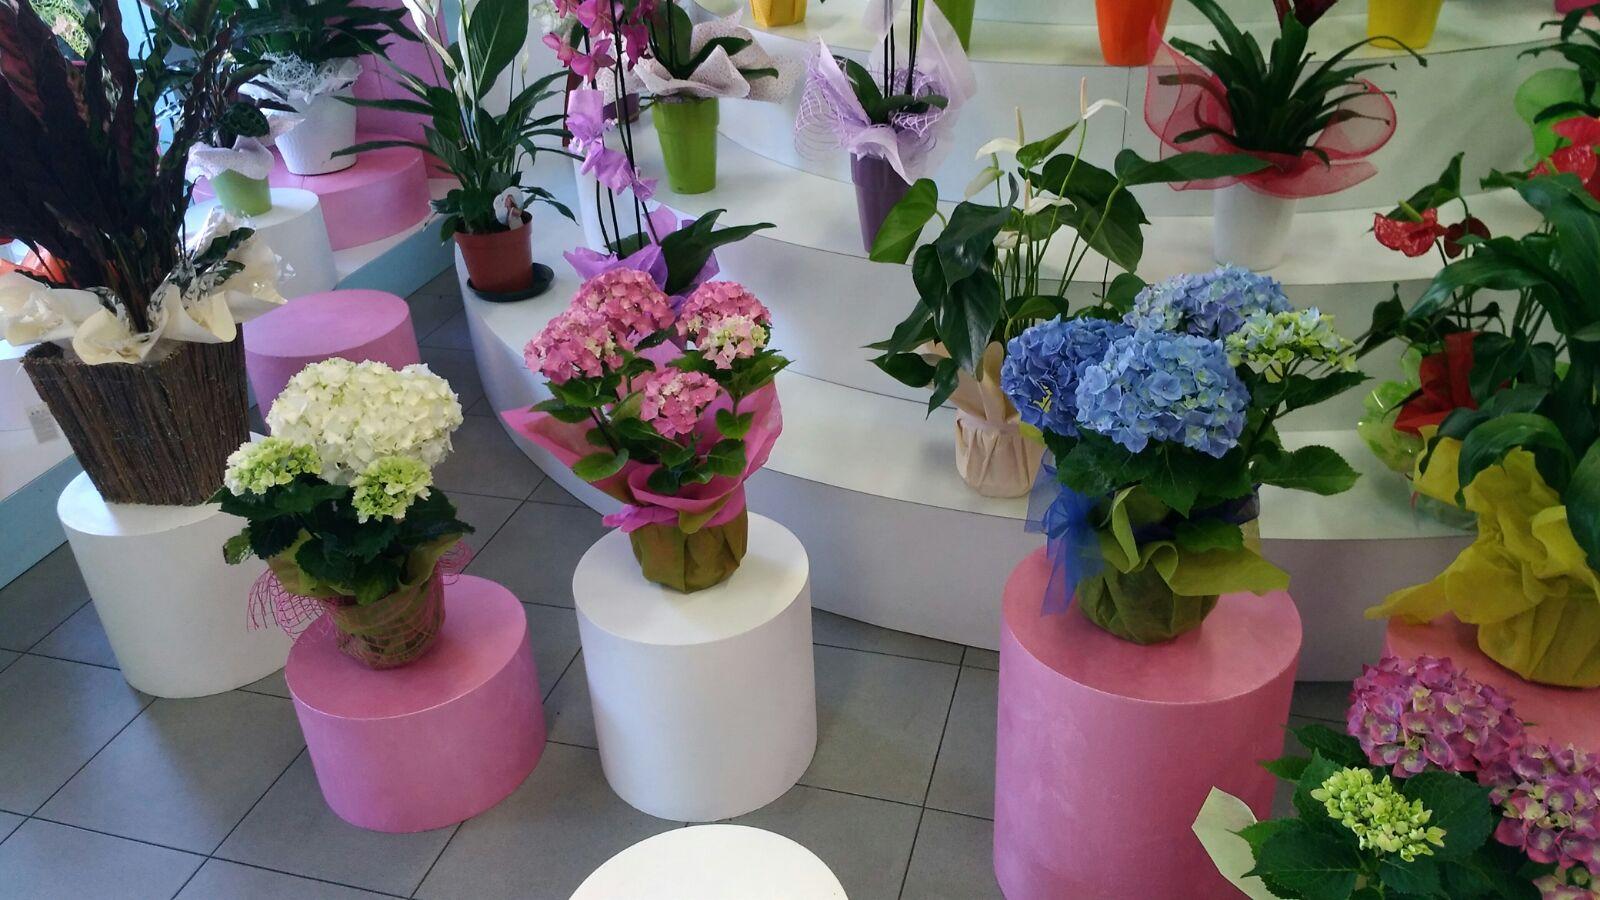 ortensie su tavolini in primo piano, orchidee in secondo piano